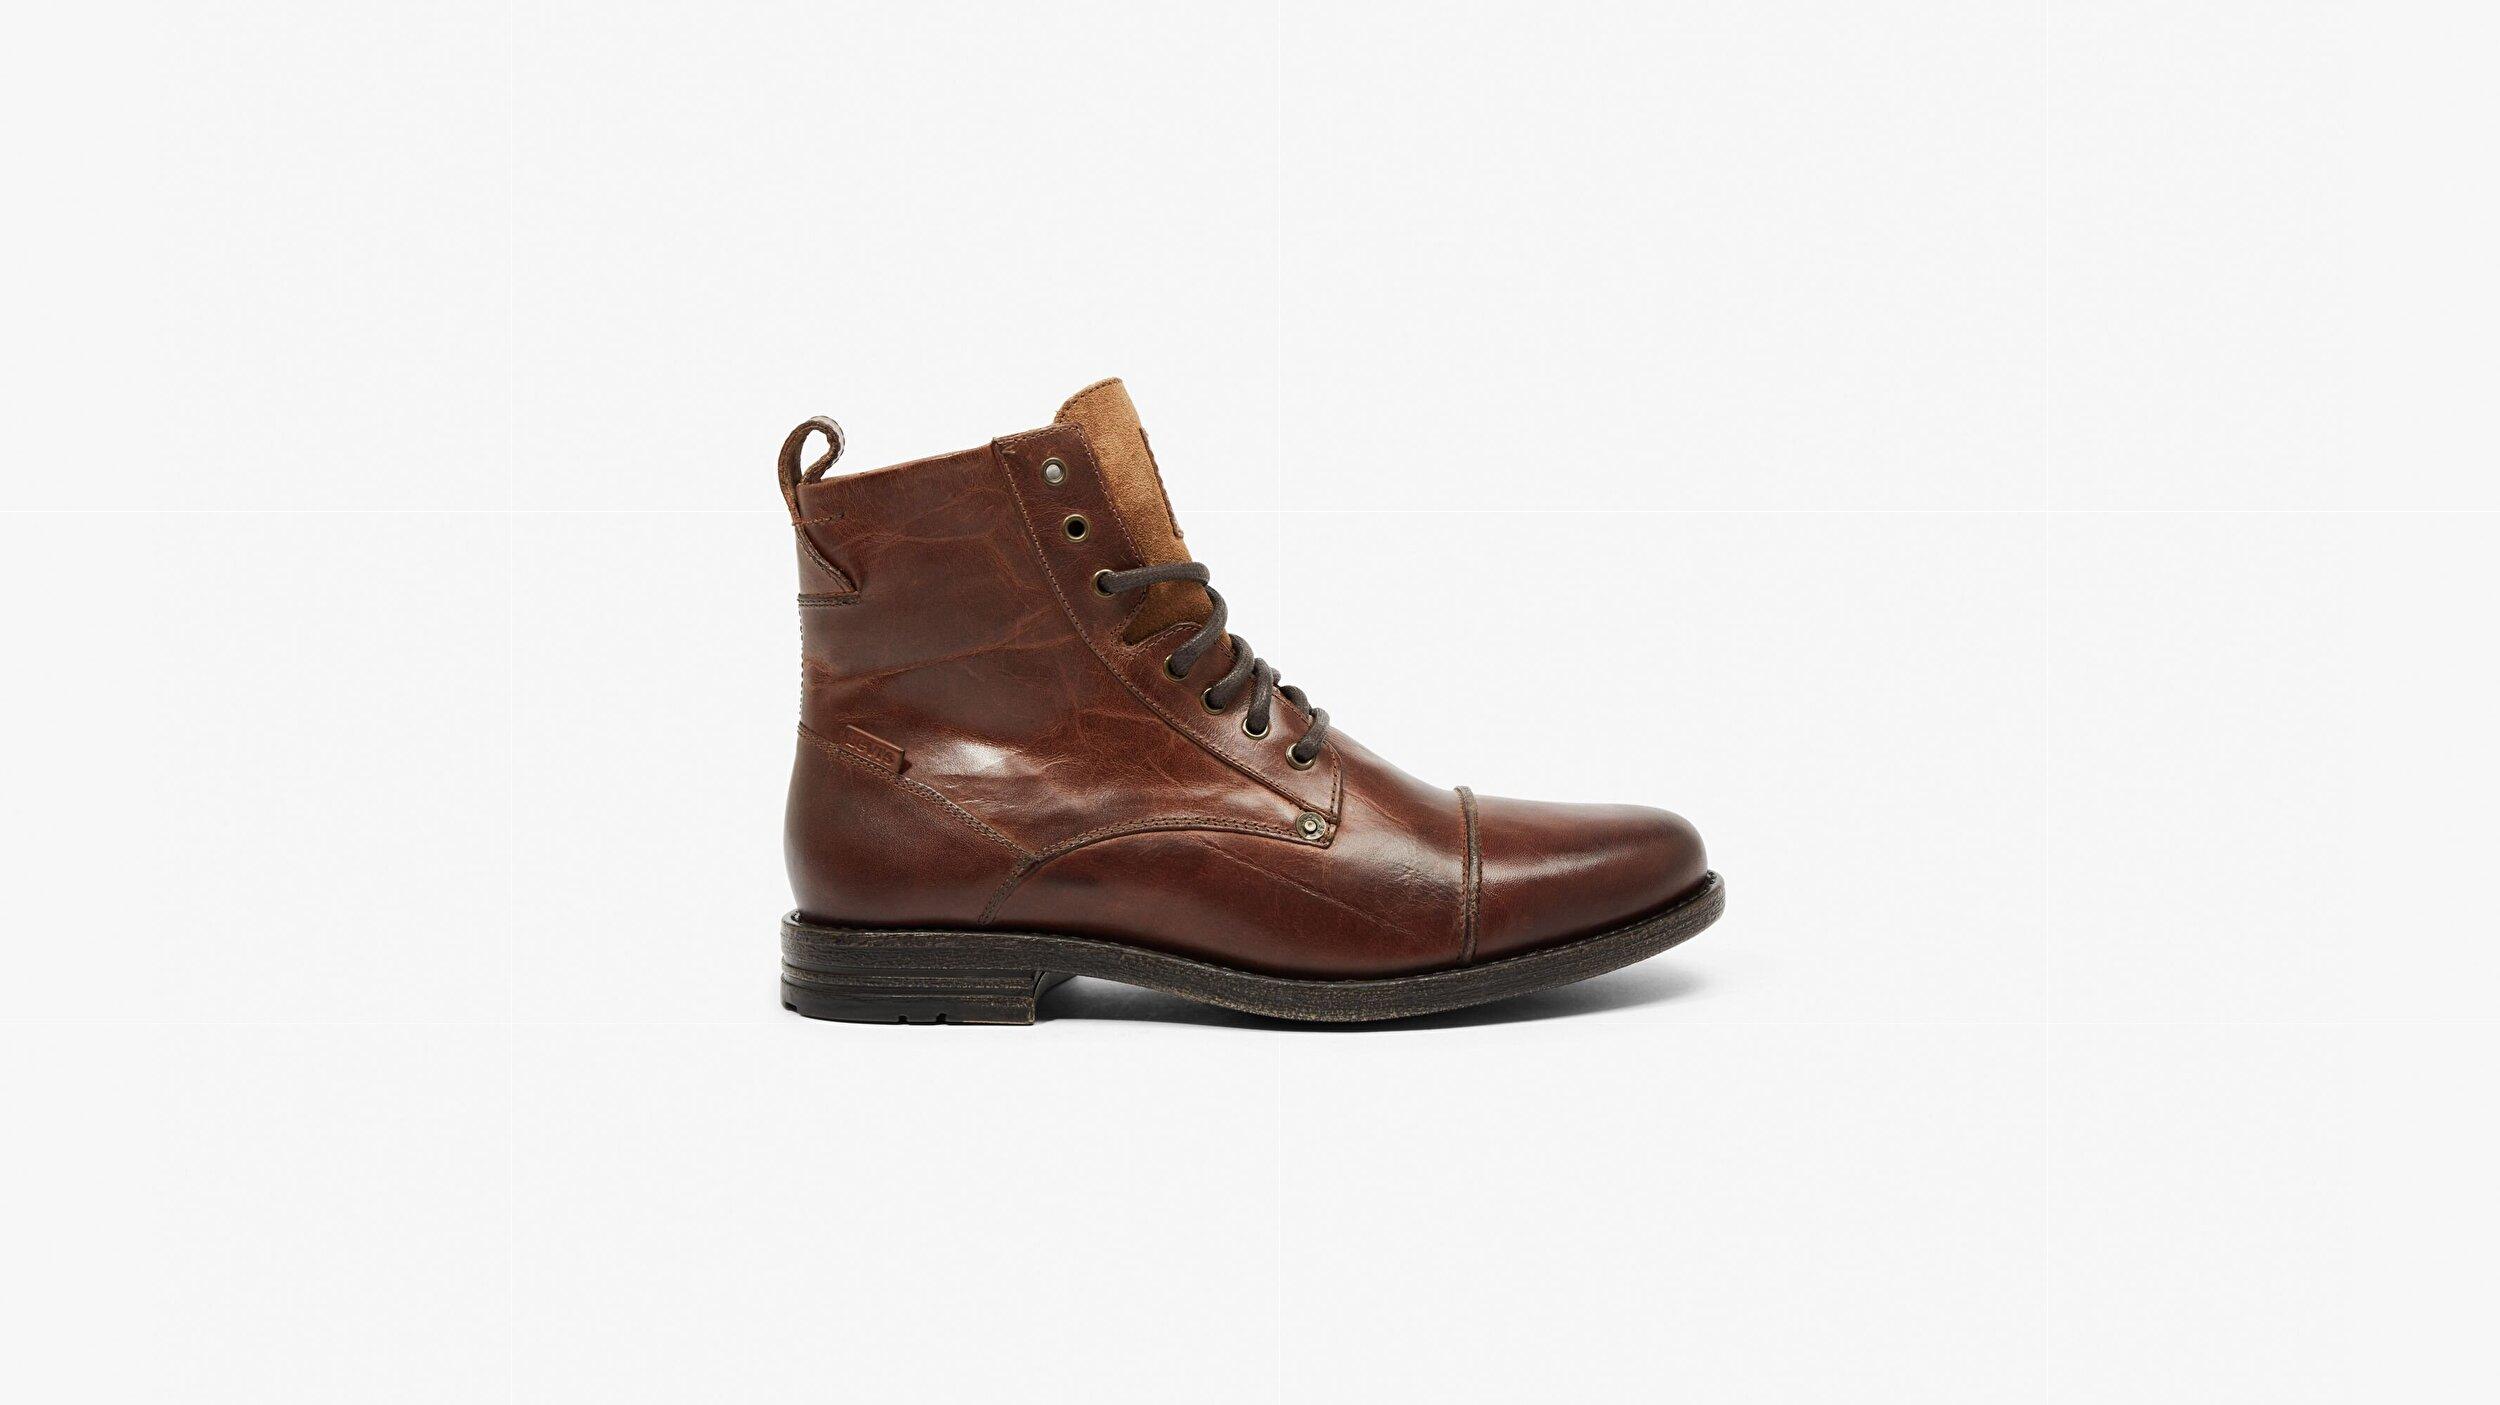 Emerson Erkek Deri Çizme